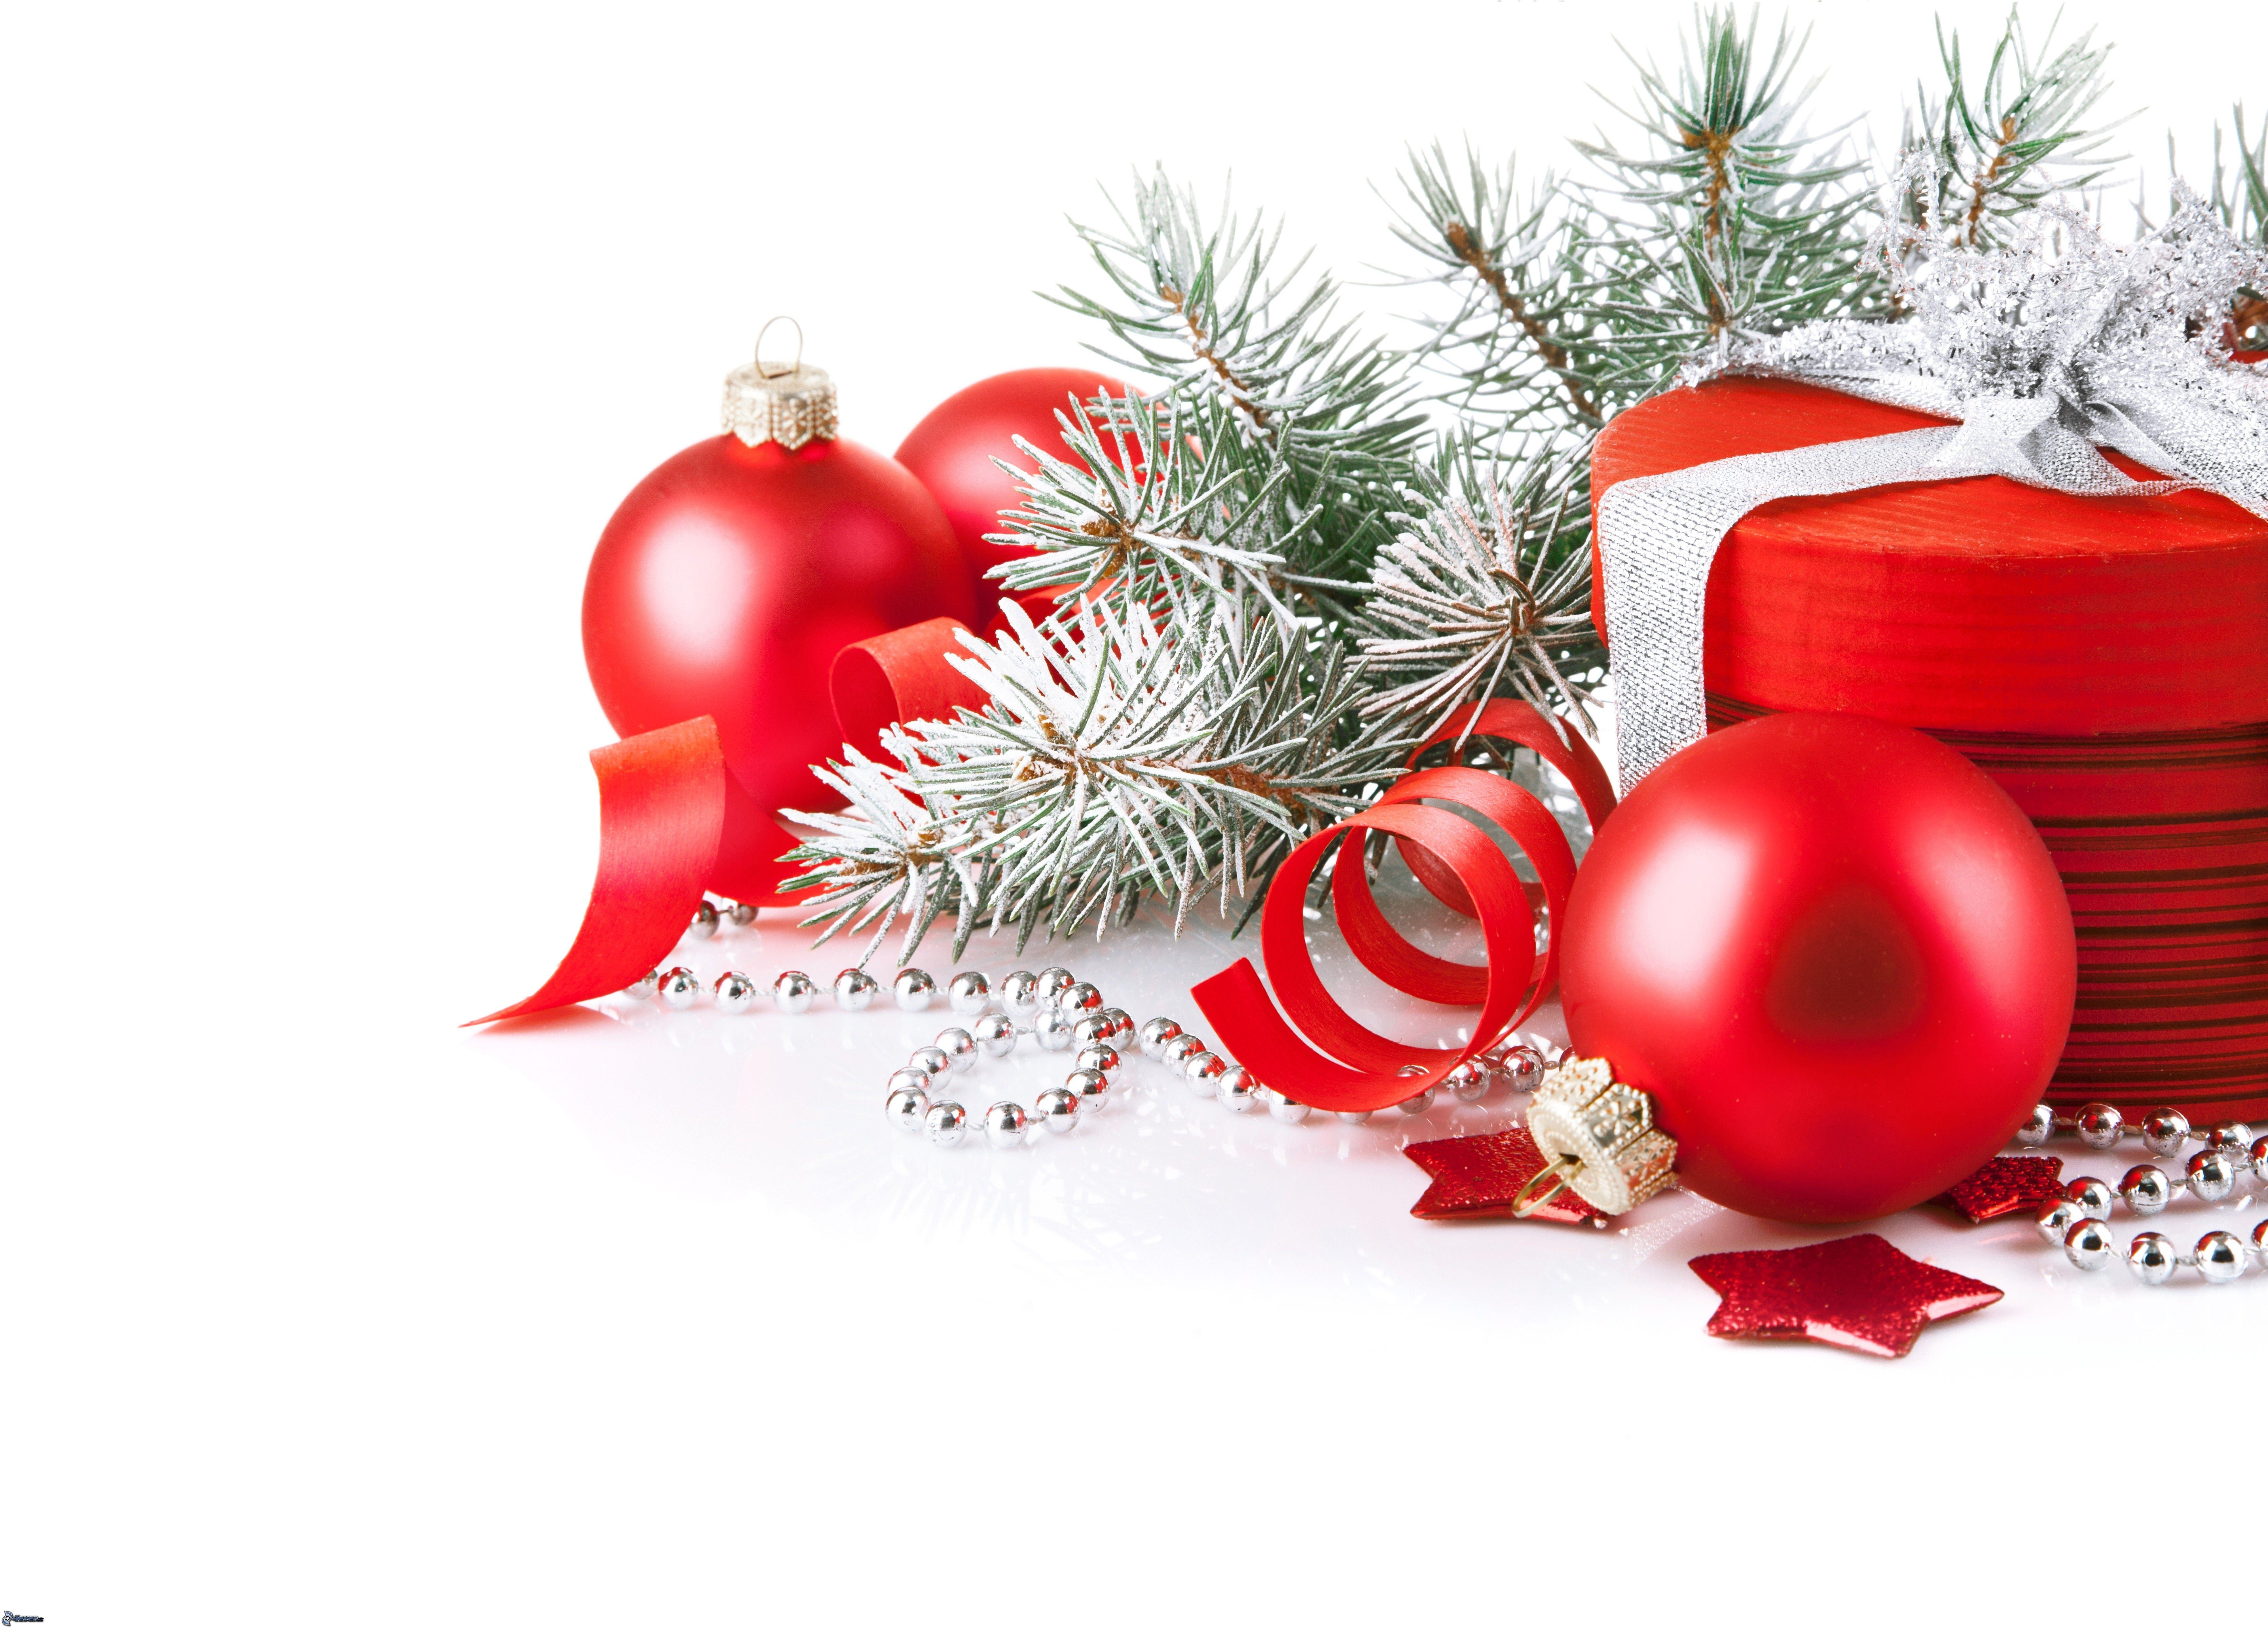 Dekoracja bo onarodzeniowa for Weihnachtsdeko bilder gratis